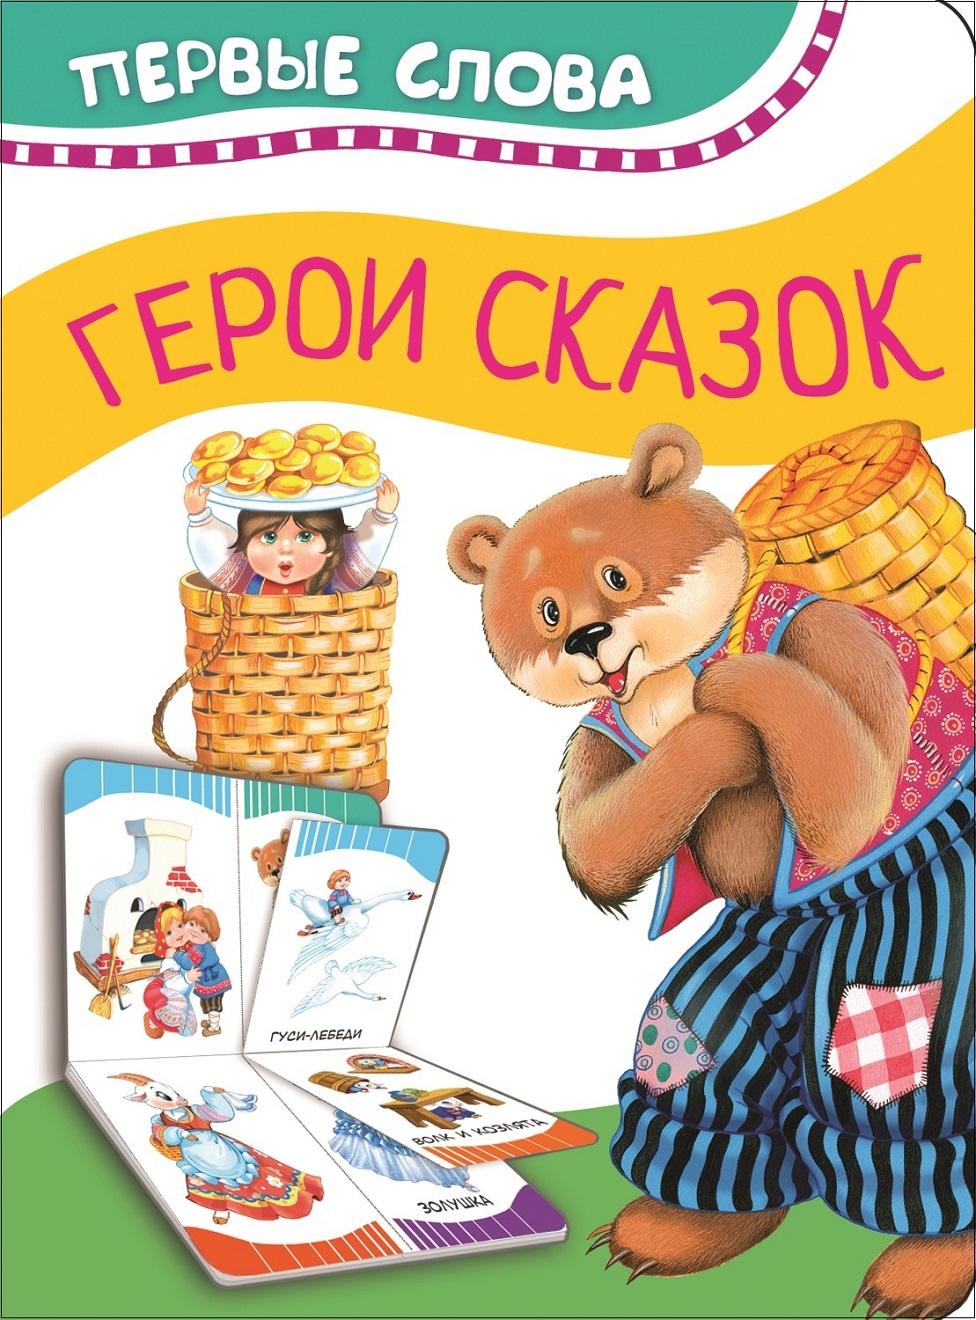 Котятова Н. И. Герои сказок (Первые слова)